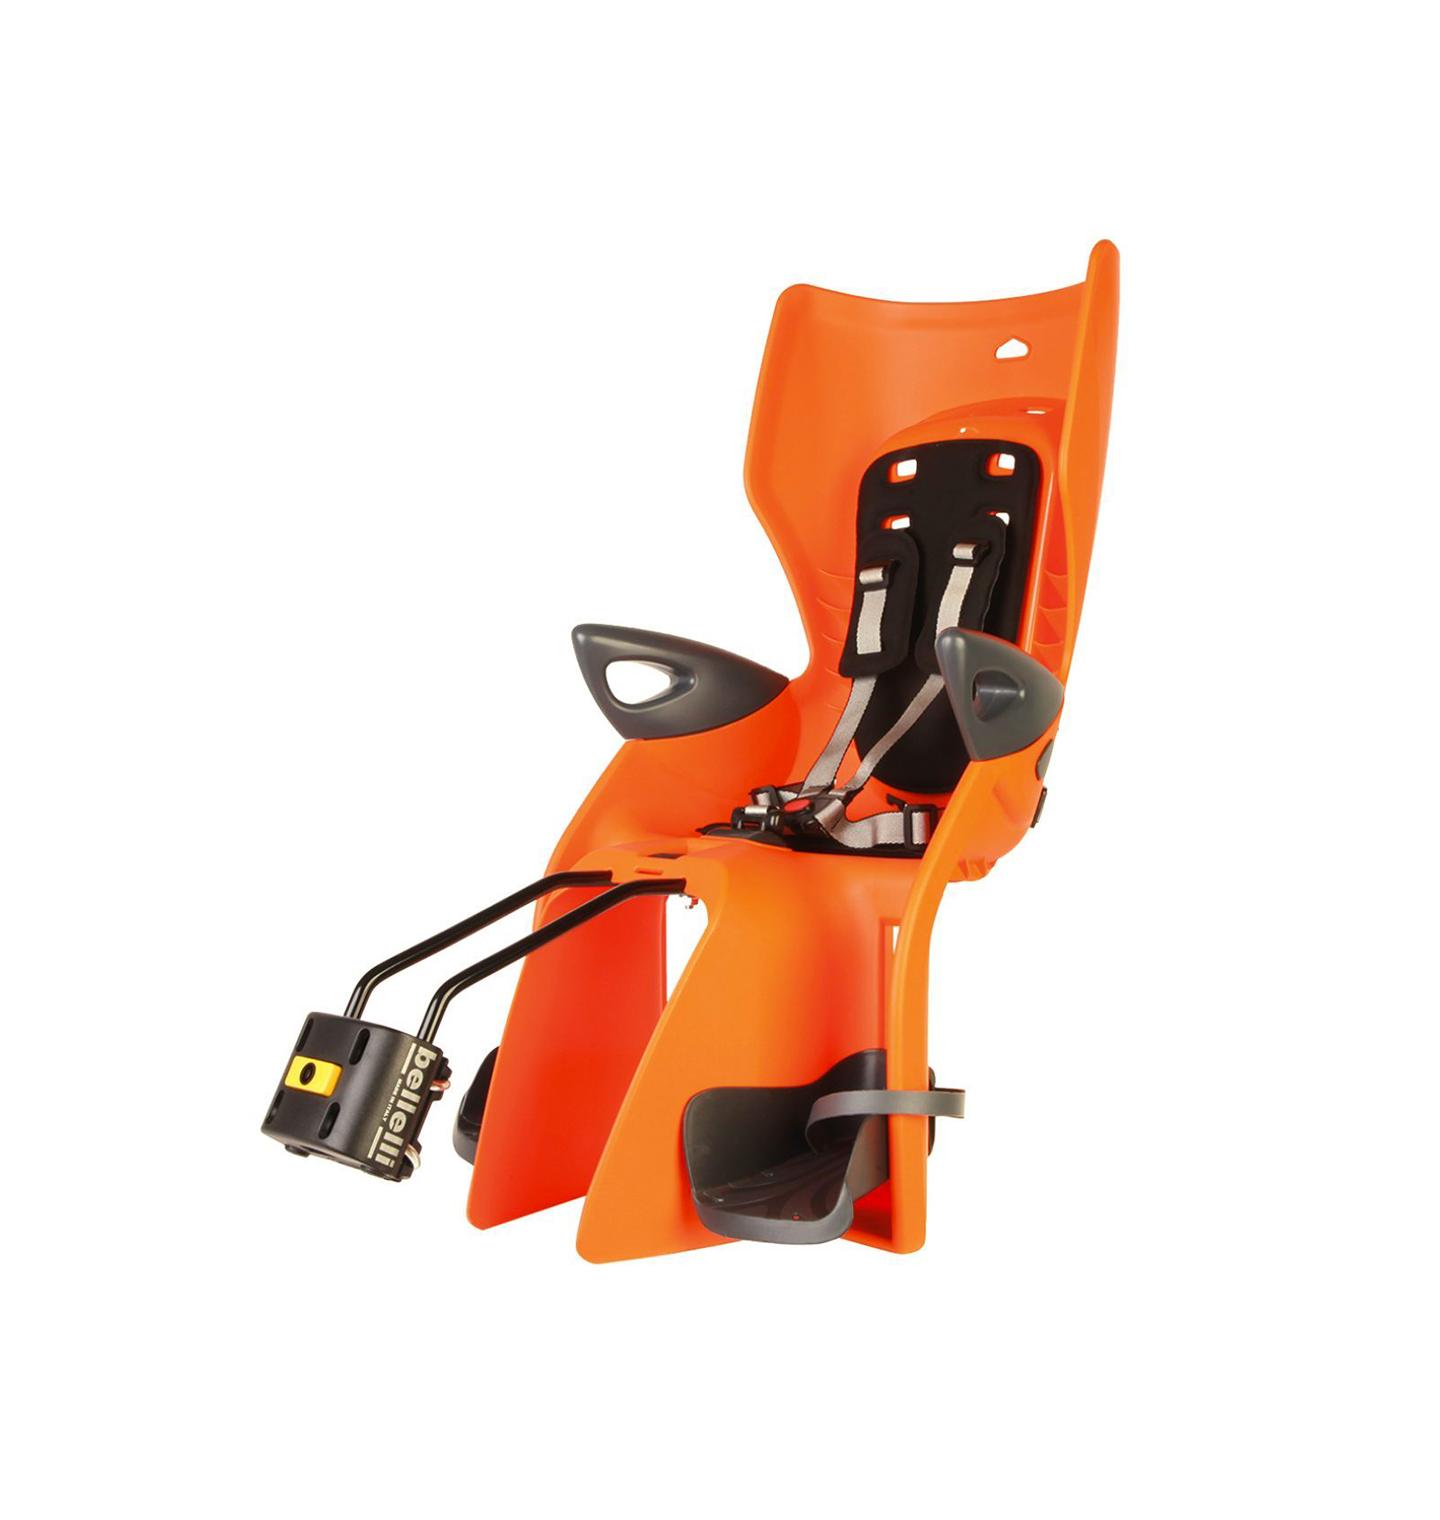 summer_orange_standard_1-lbox-1440×1520-FFFFFF